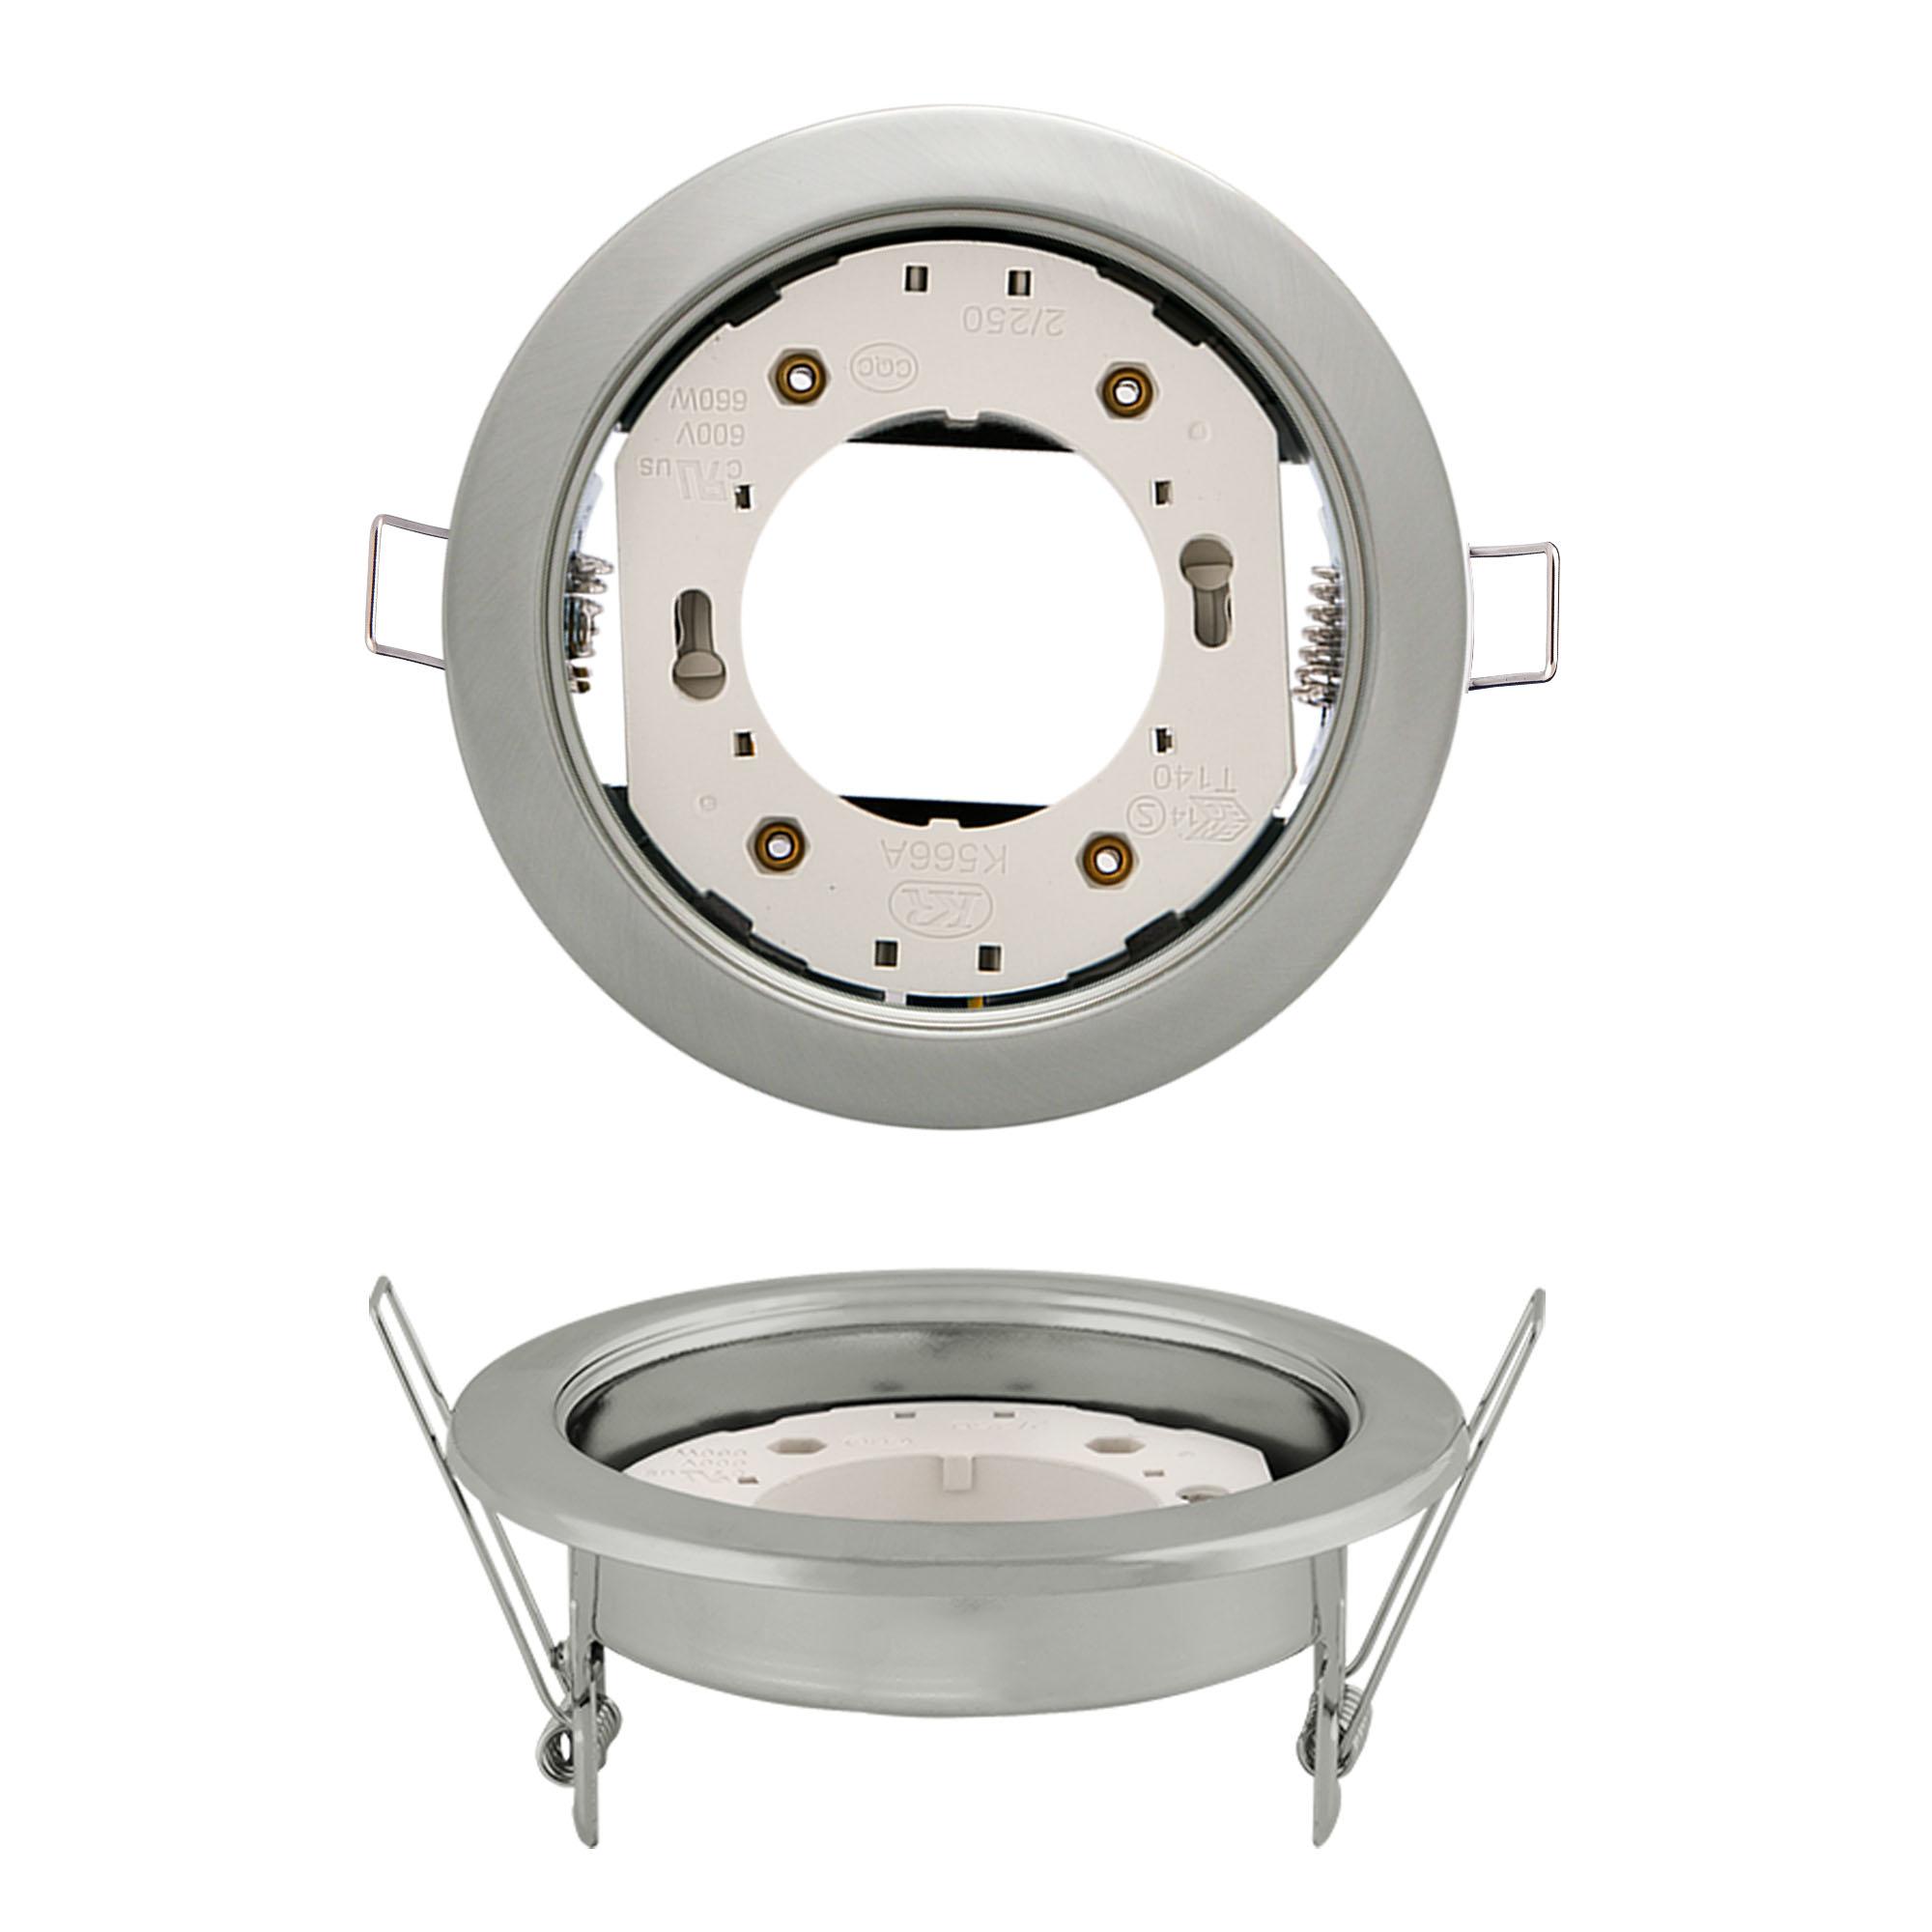 Светильник встраиваемый Uniel Gx53/h4 silver 10 prom